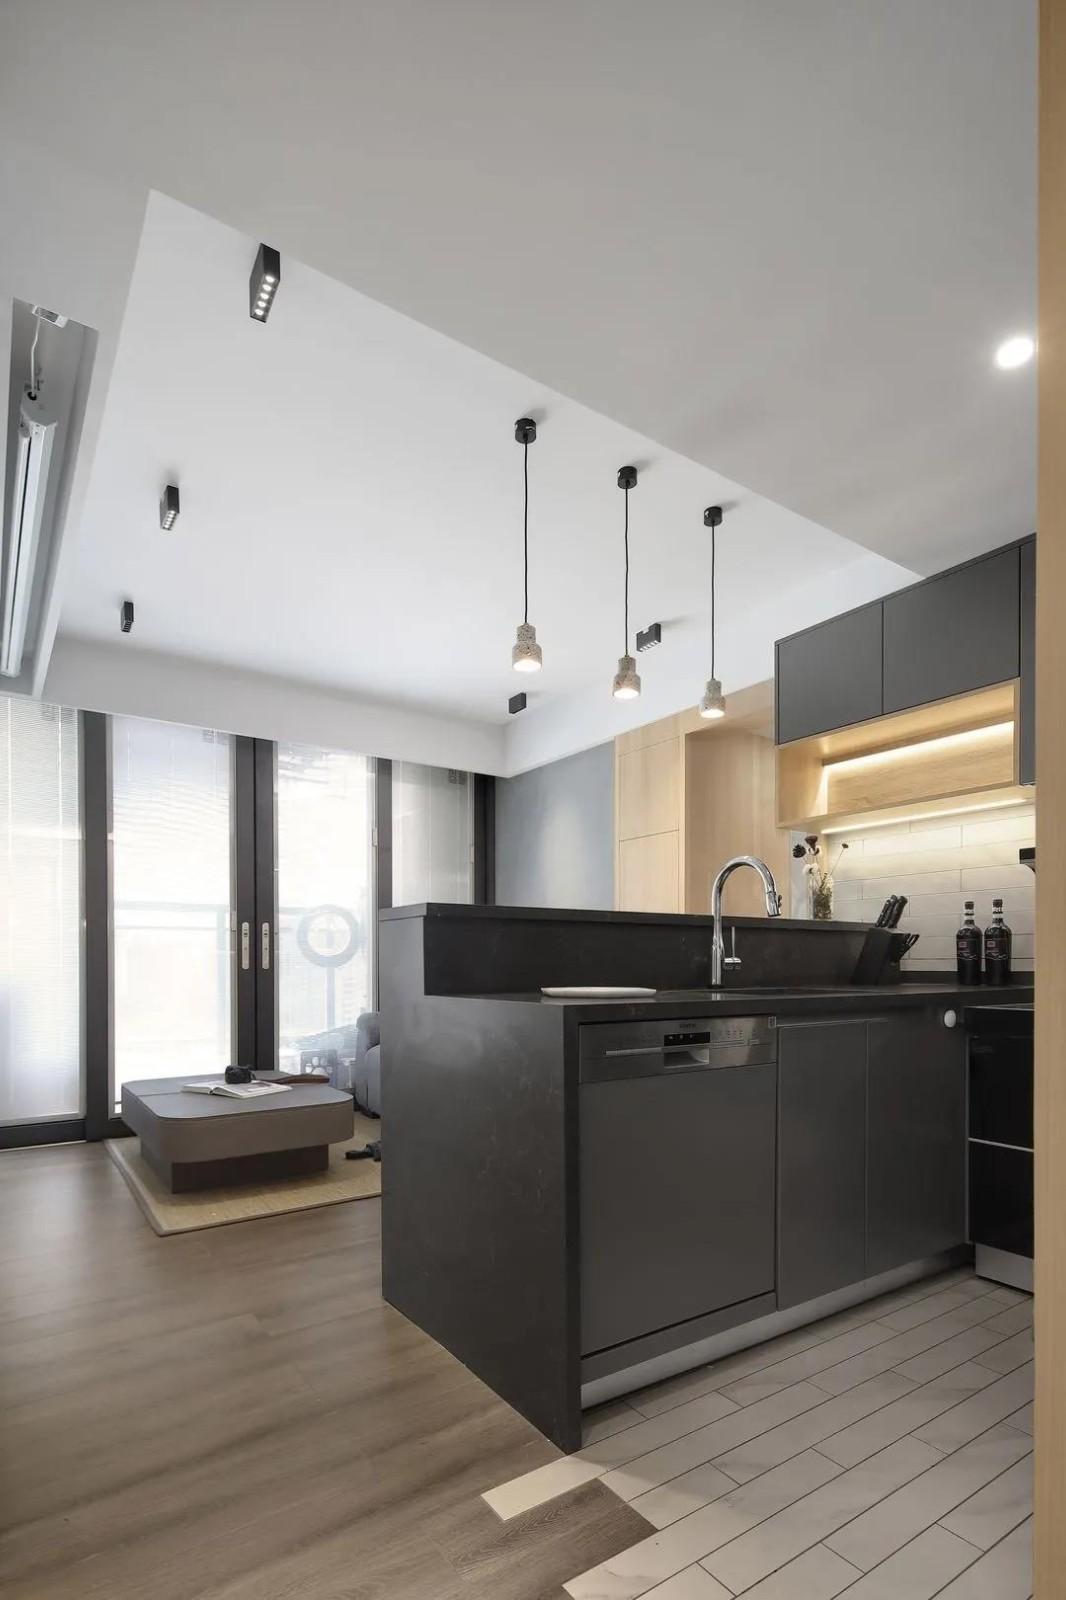 2021現代簡約廚房裝修圖 2021現代簡約細節裝飾設計